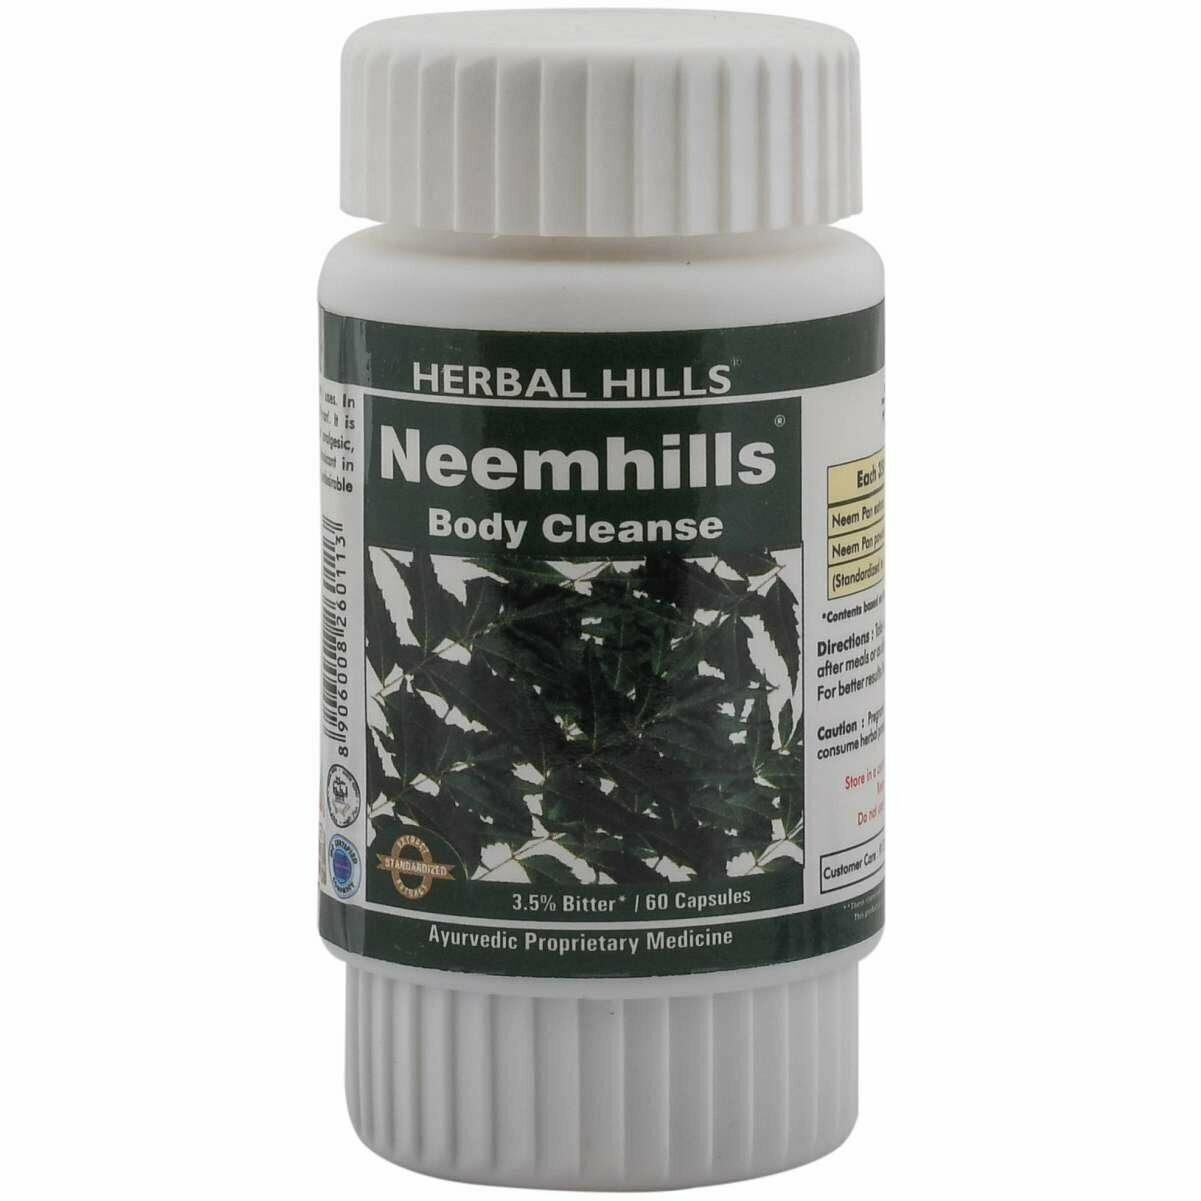 Herbal Hills Neemhills 60Capsules